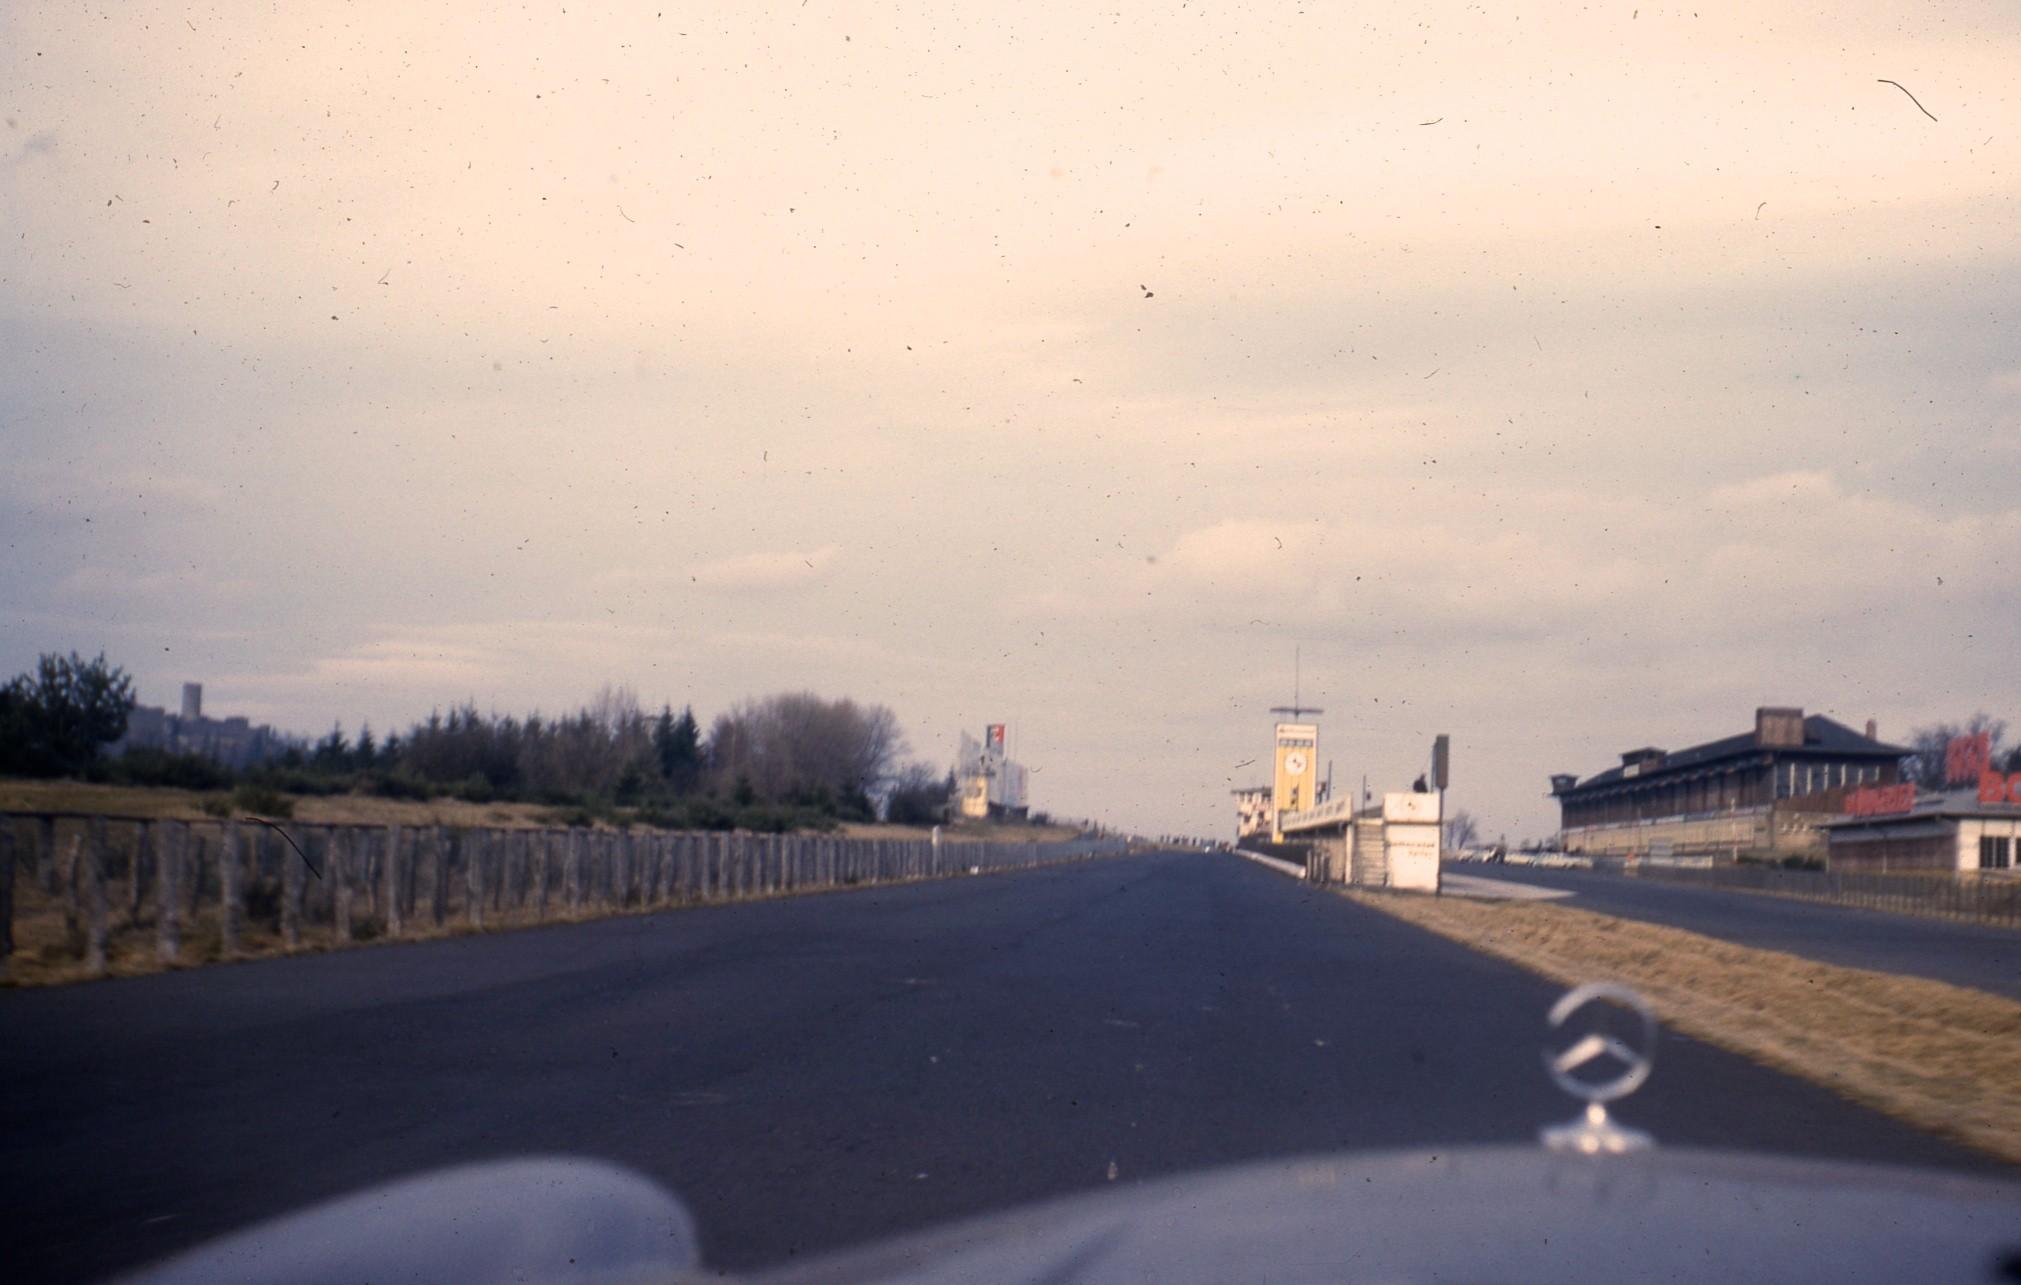 Photos Of Nurburgring Taken In 1967 Will Make You Feel